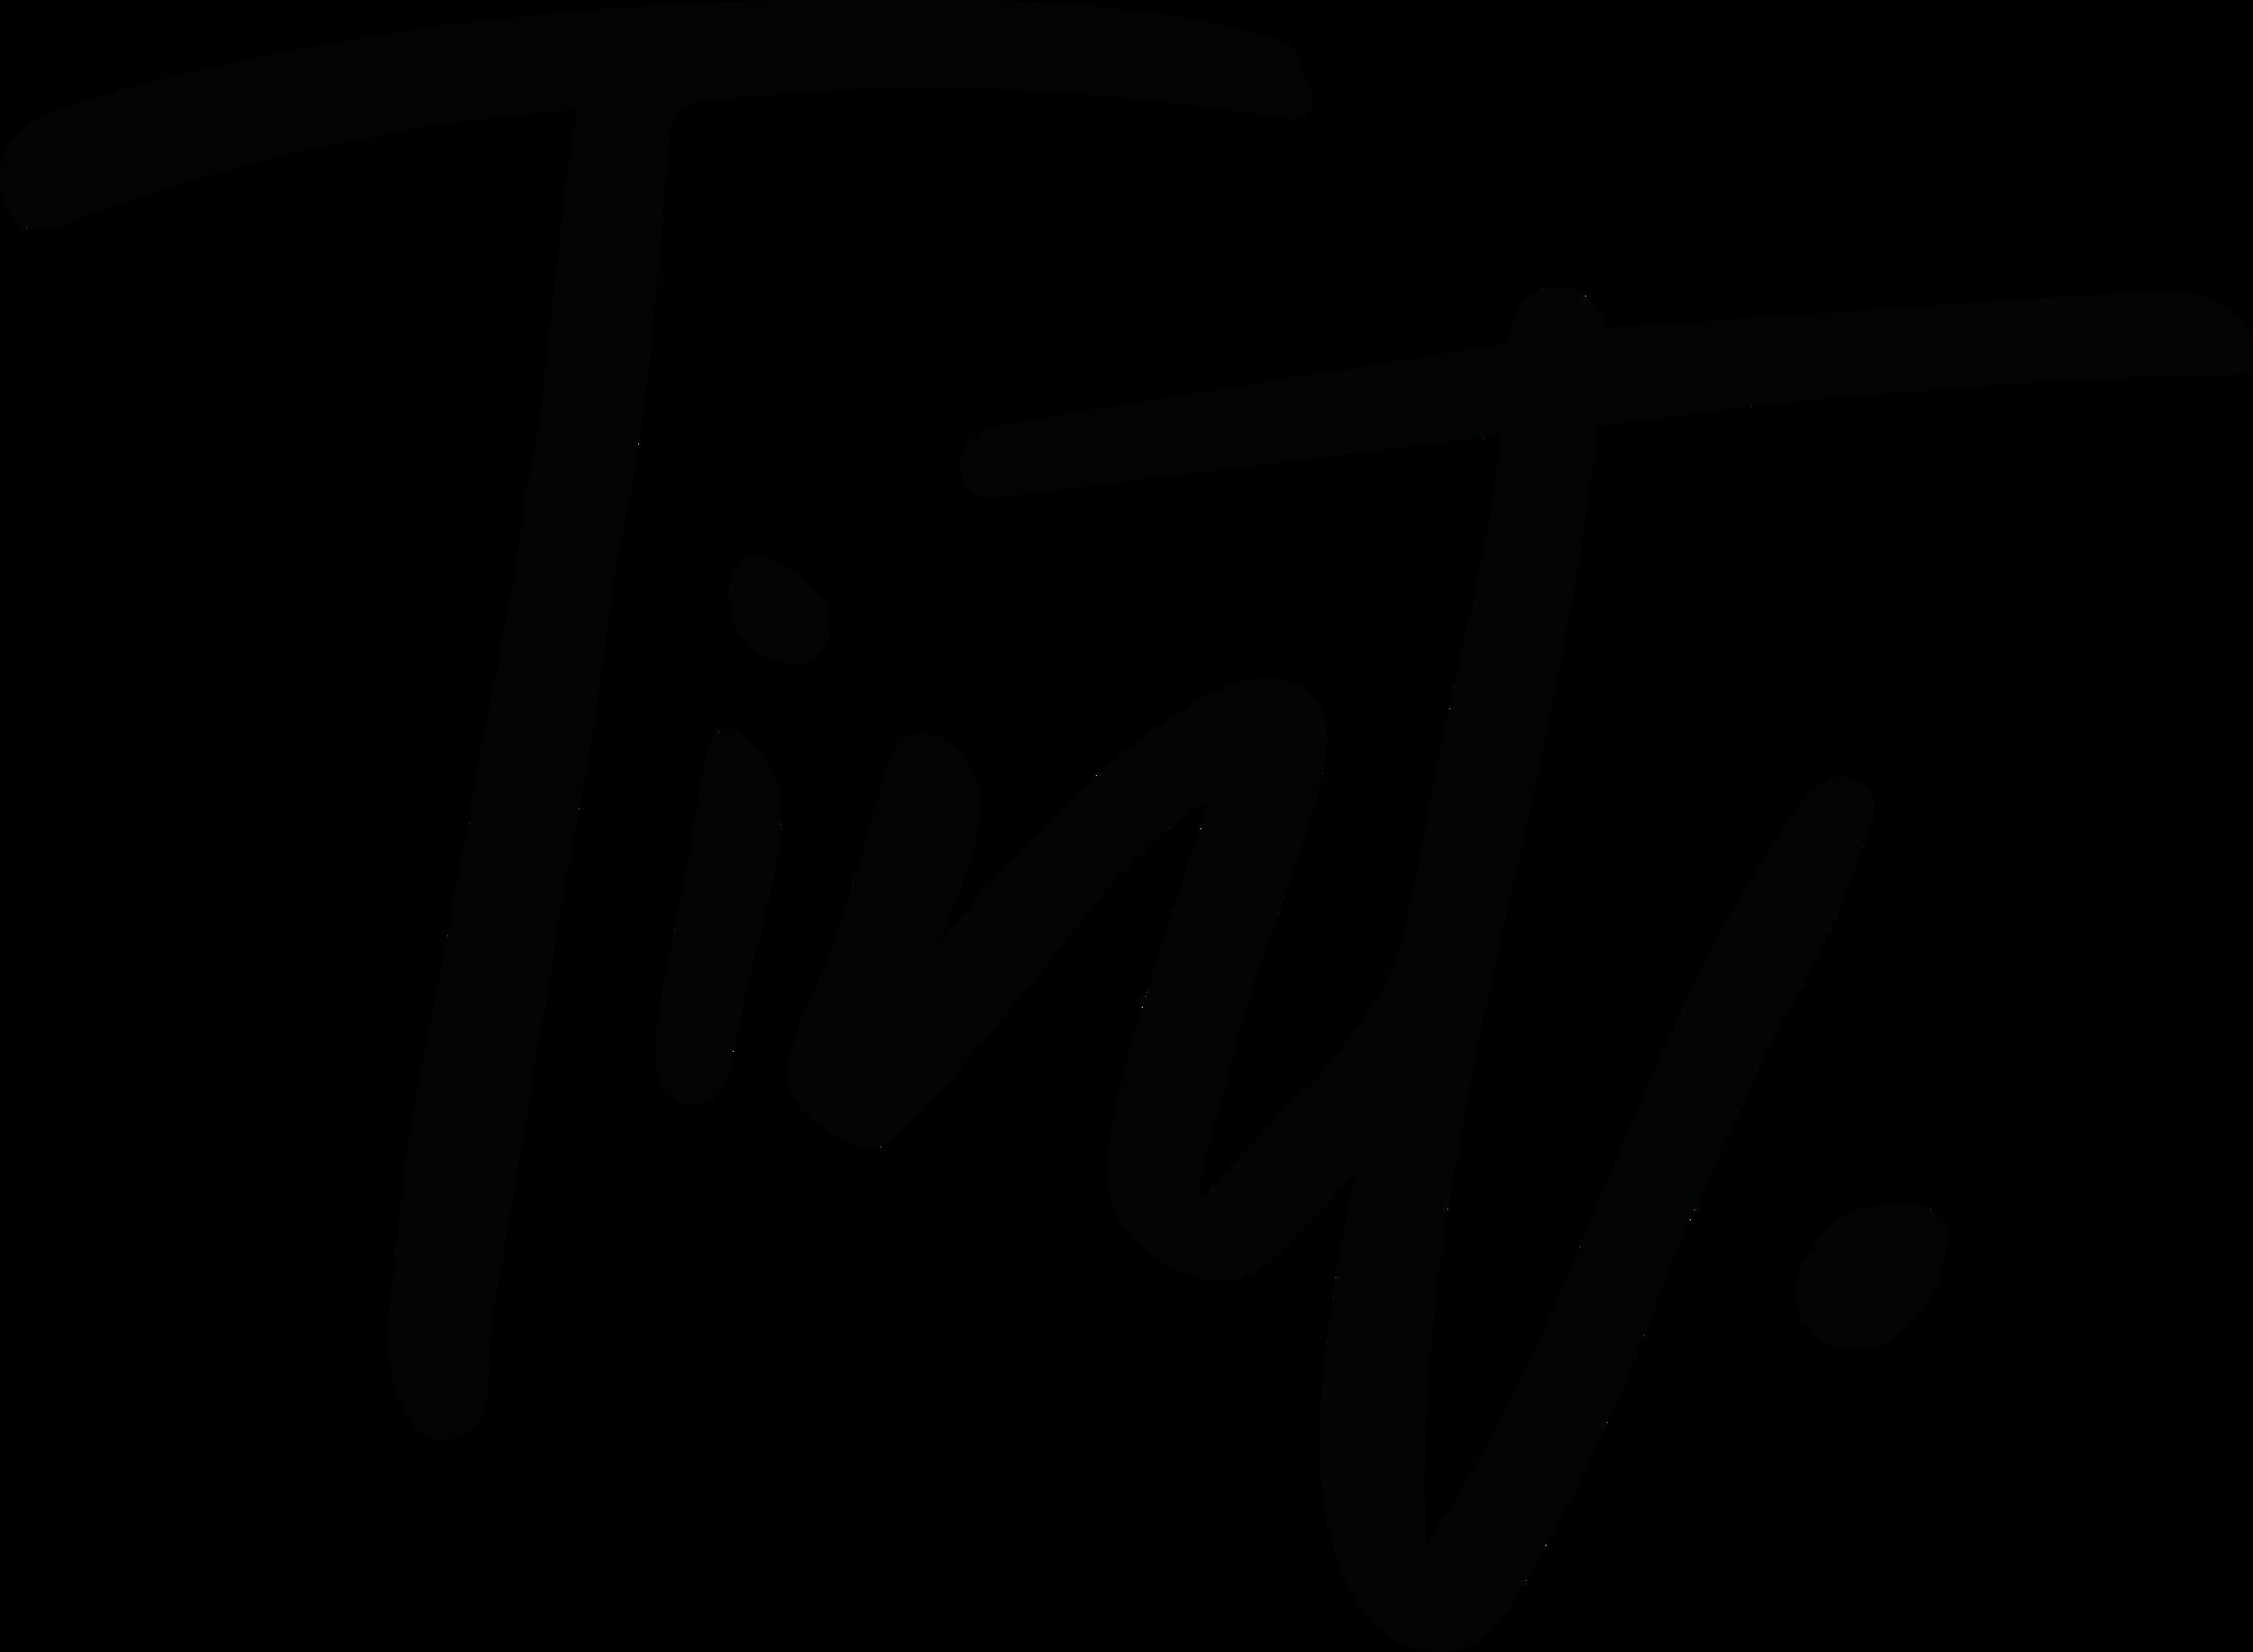 TINT.png